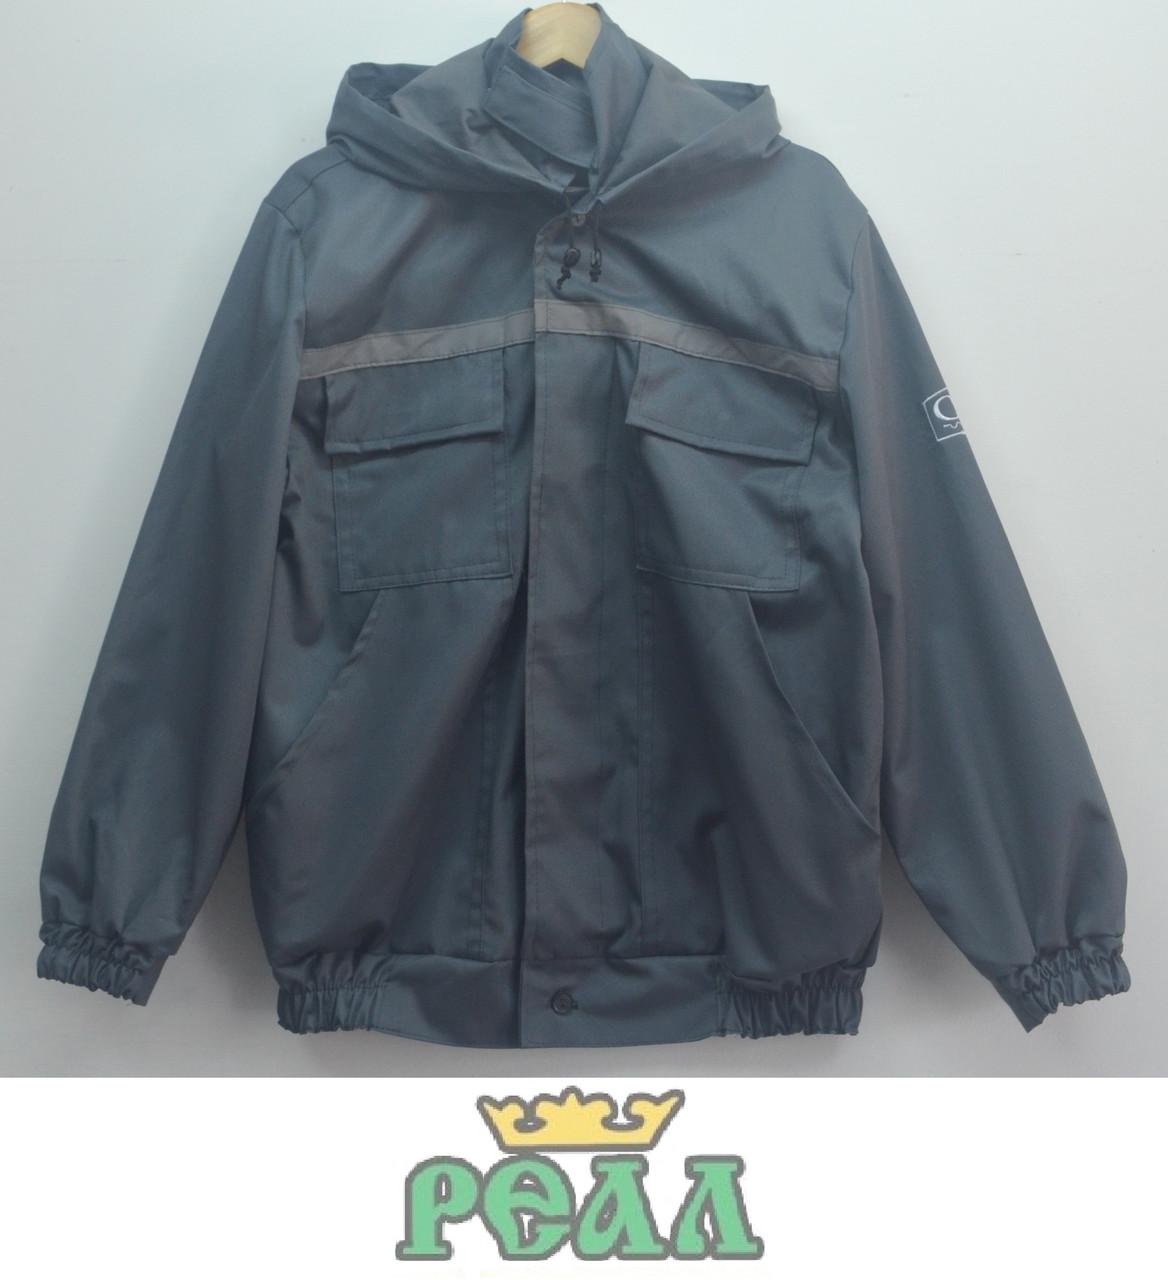 Костюм робочий з логотипом на рукаві (куртка з капішоном і штани), (пошиття спецодягу під замовлення), фото 1